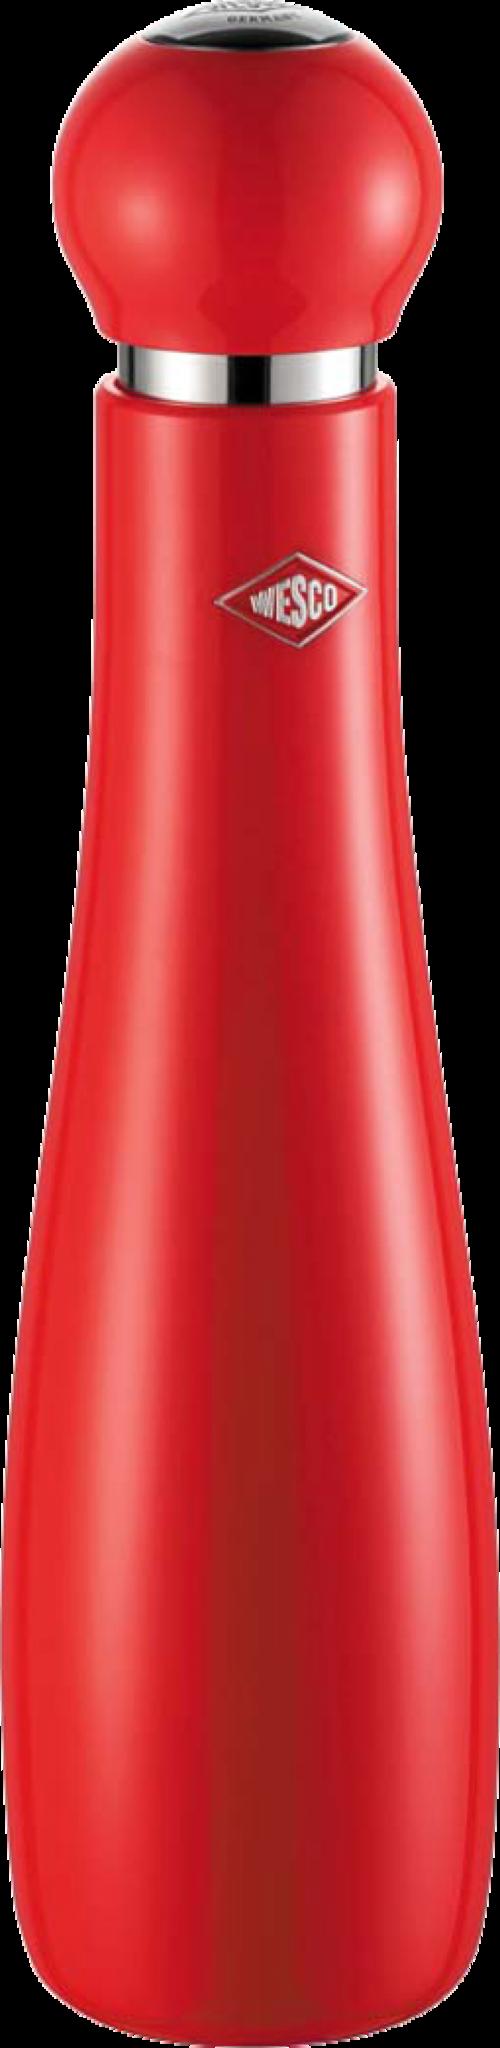 Мельница для специй (высокая) Wesco Peppy Mill 322777-02